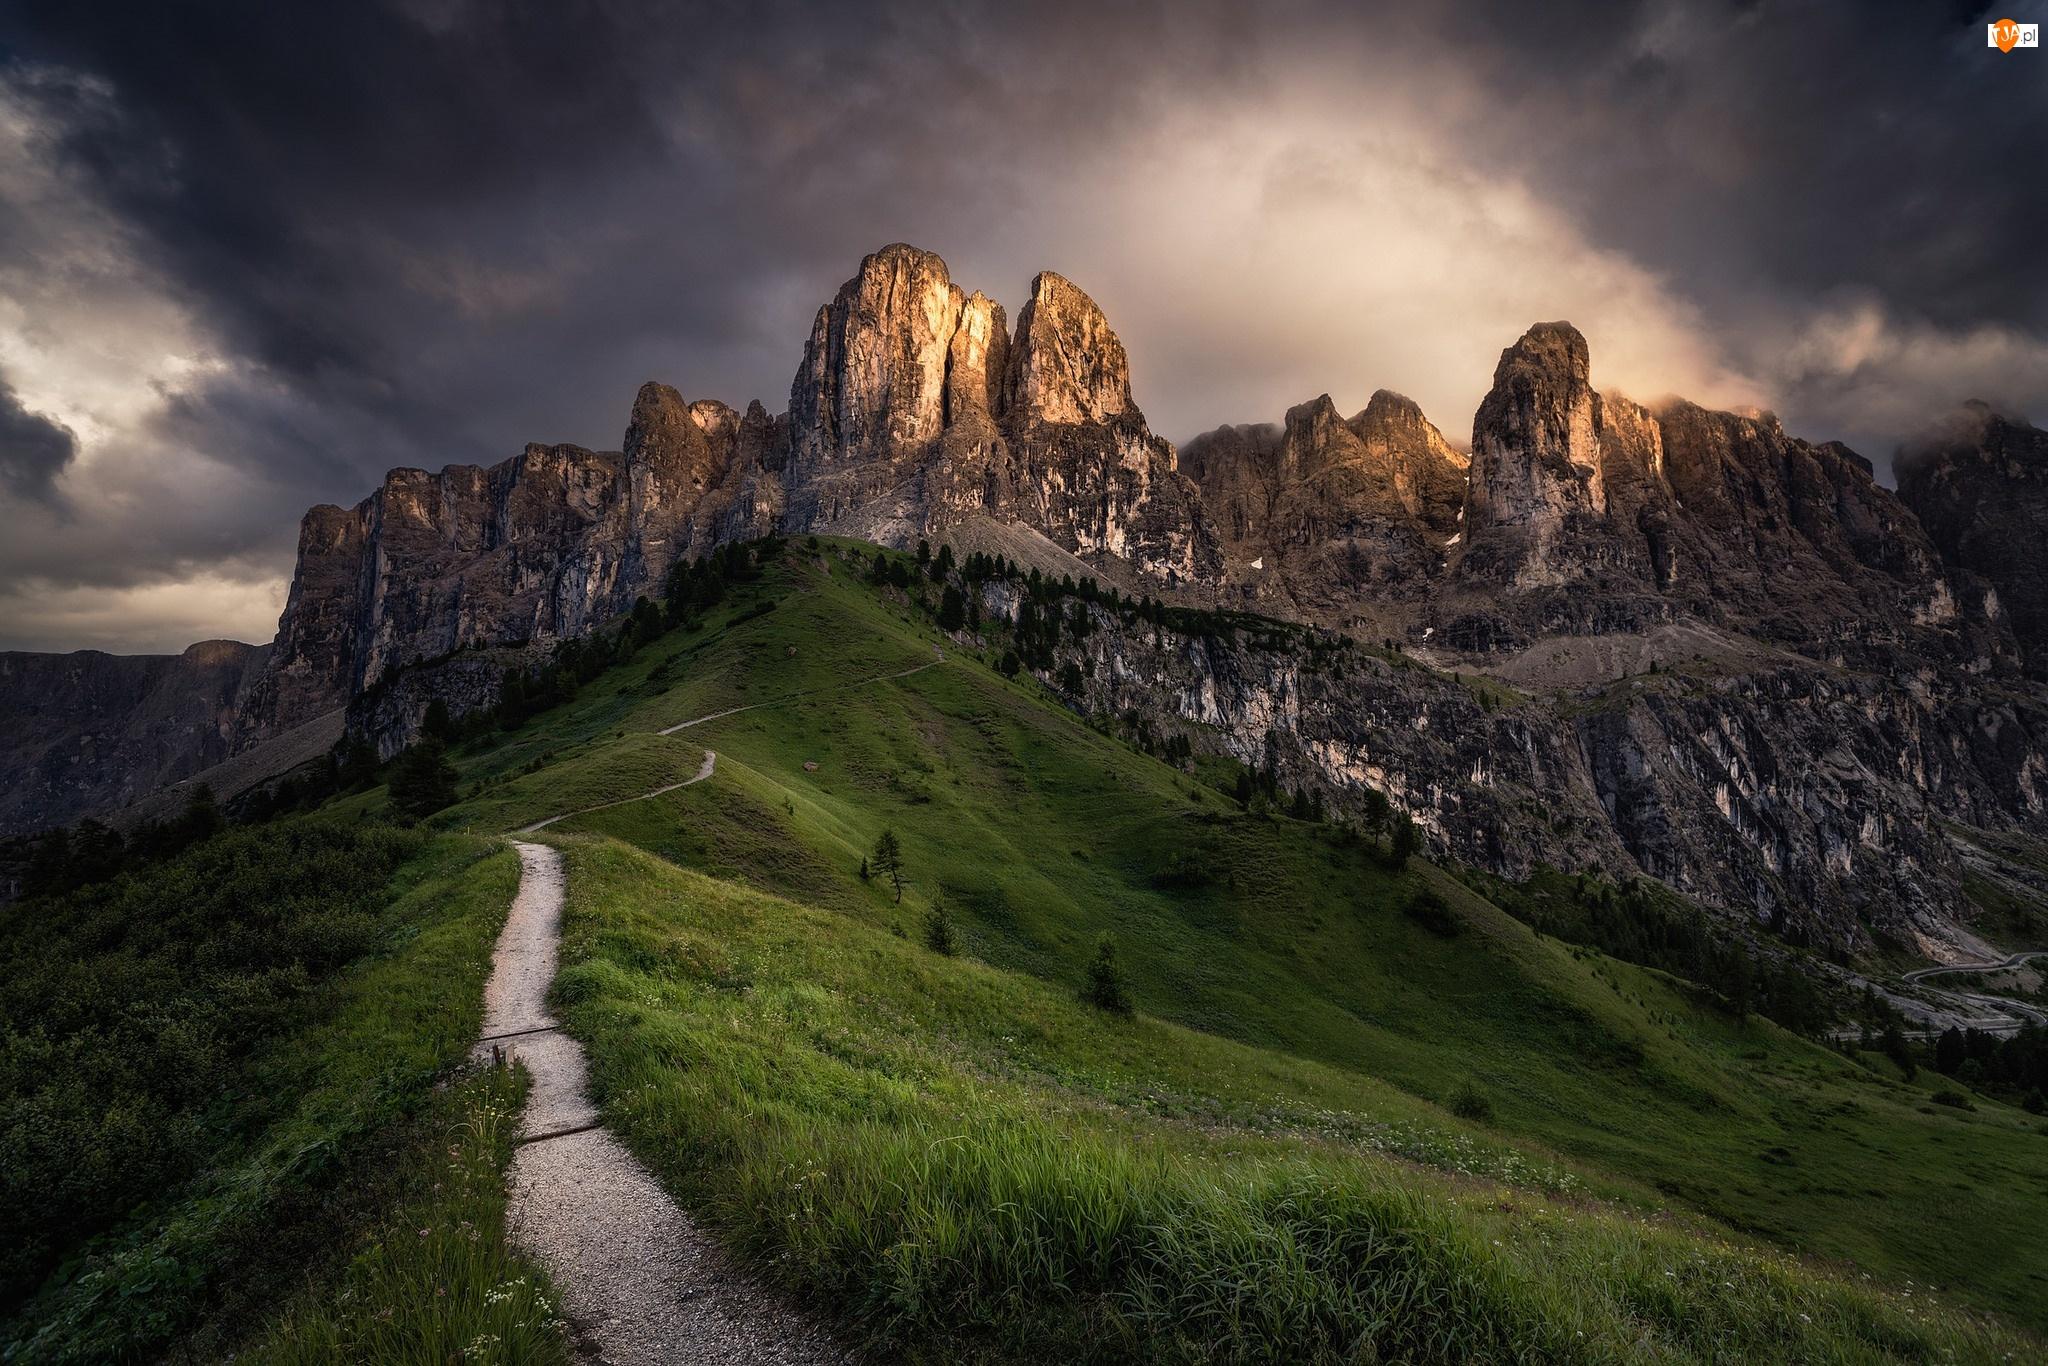 Góry Sella, Dolomity, Południowy Tyrol, Włochy, Ścieżka, Alpy, Przełęcz Gardena Pass